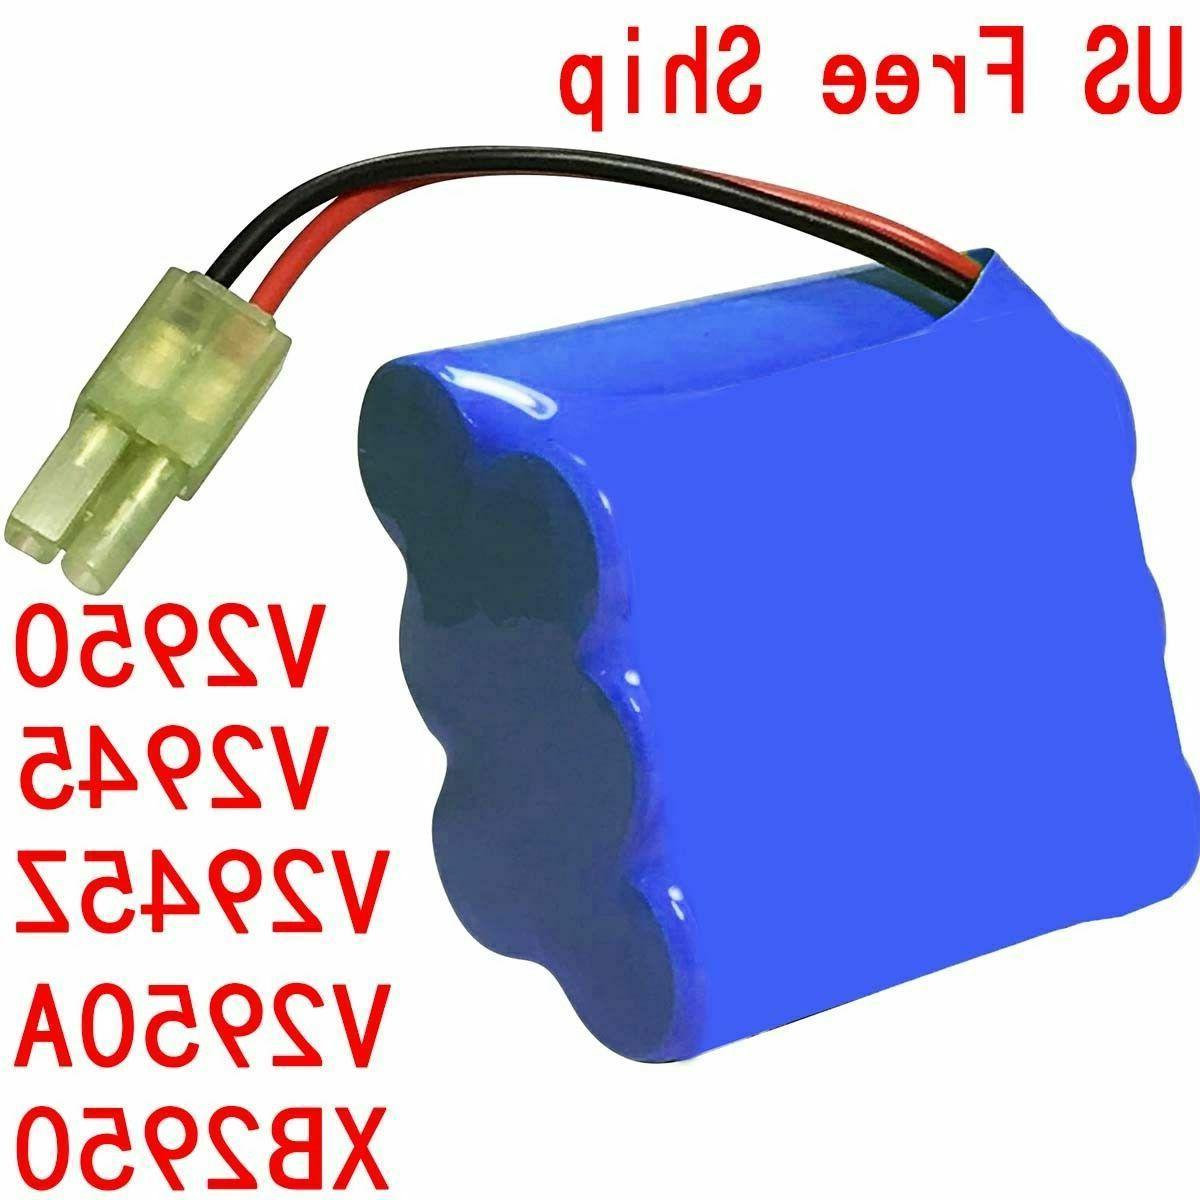 V2950 Shark Battery Pack Replacement for Shark Carpet Sweepe